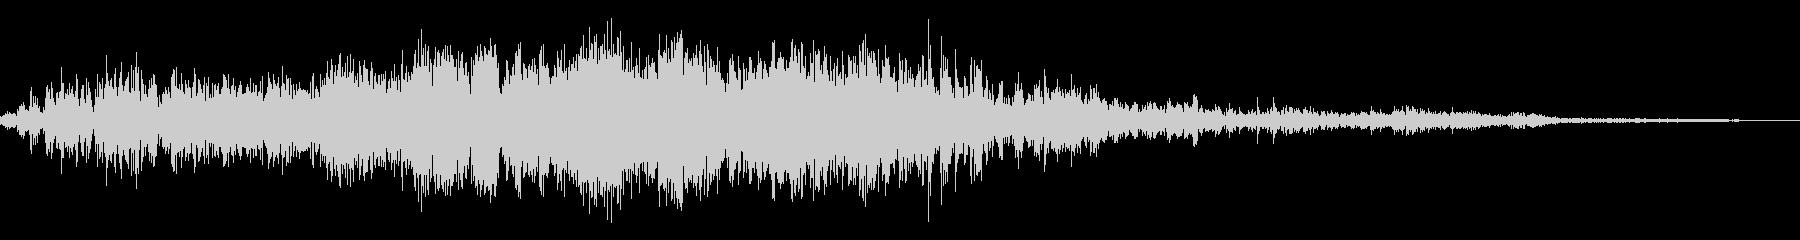 ジャイアントビースト:ローグロールの未再生の波形